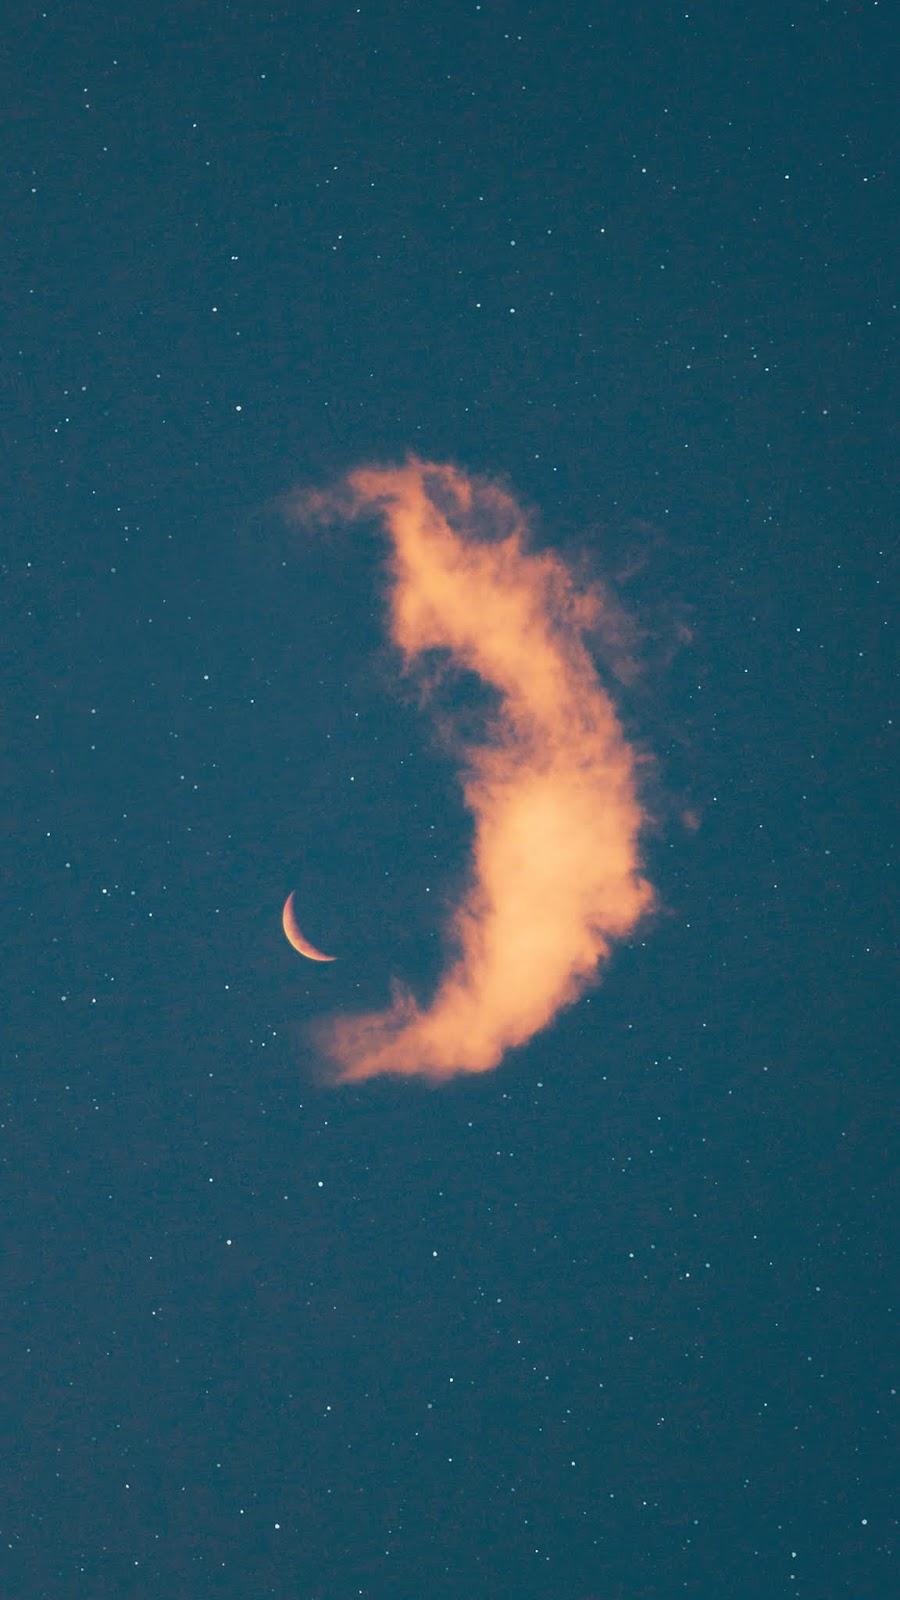 Vầng trăng khuyết trên bầu trời sao